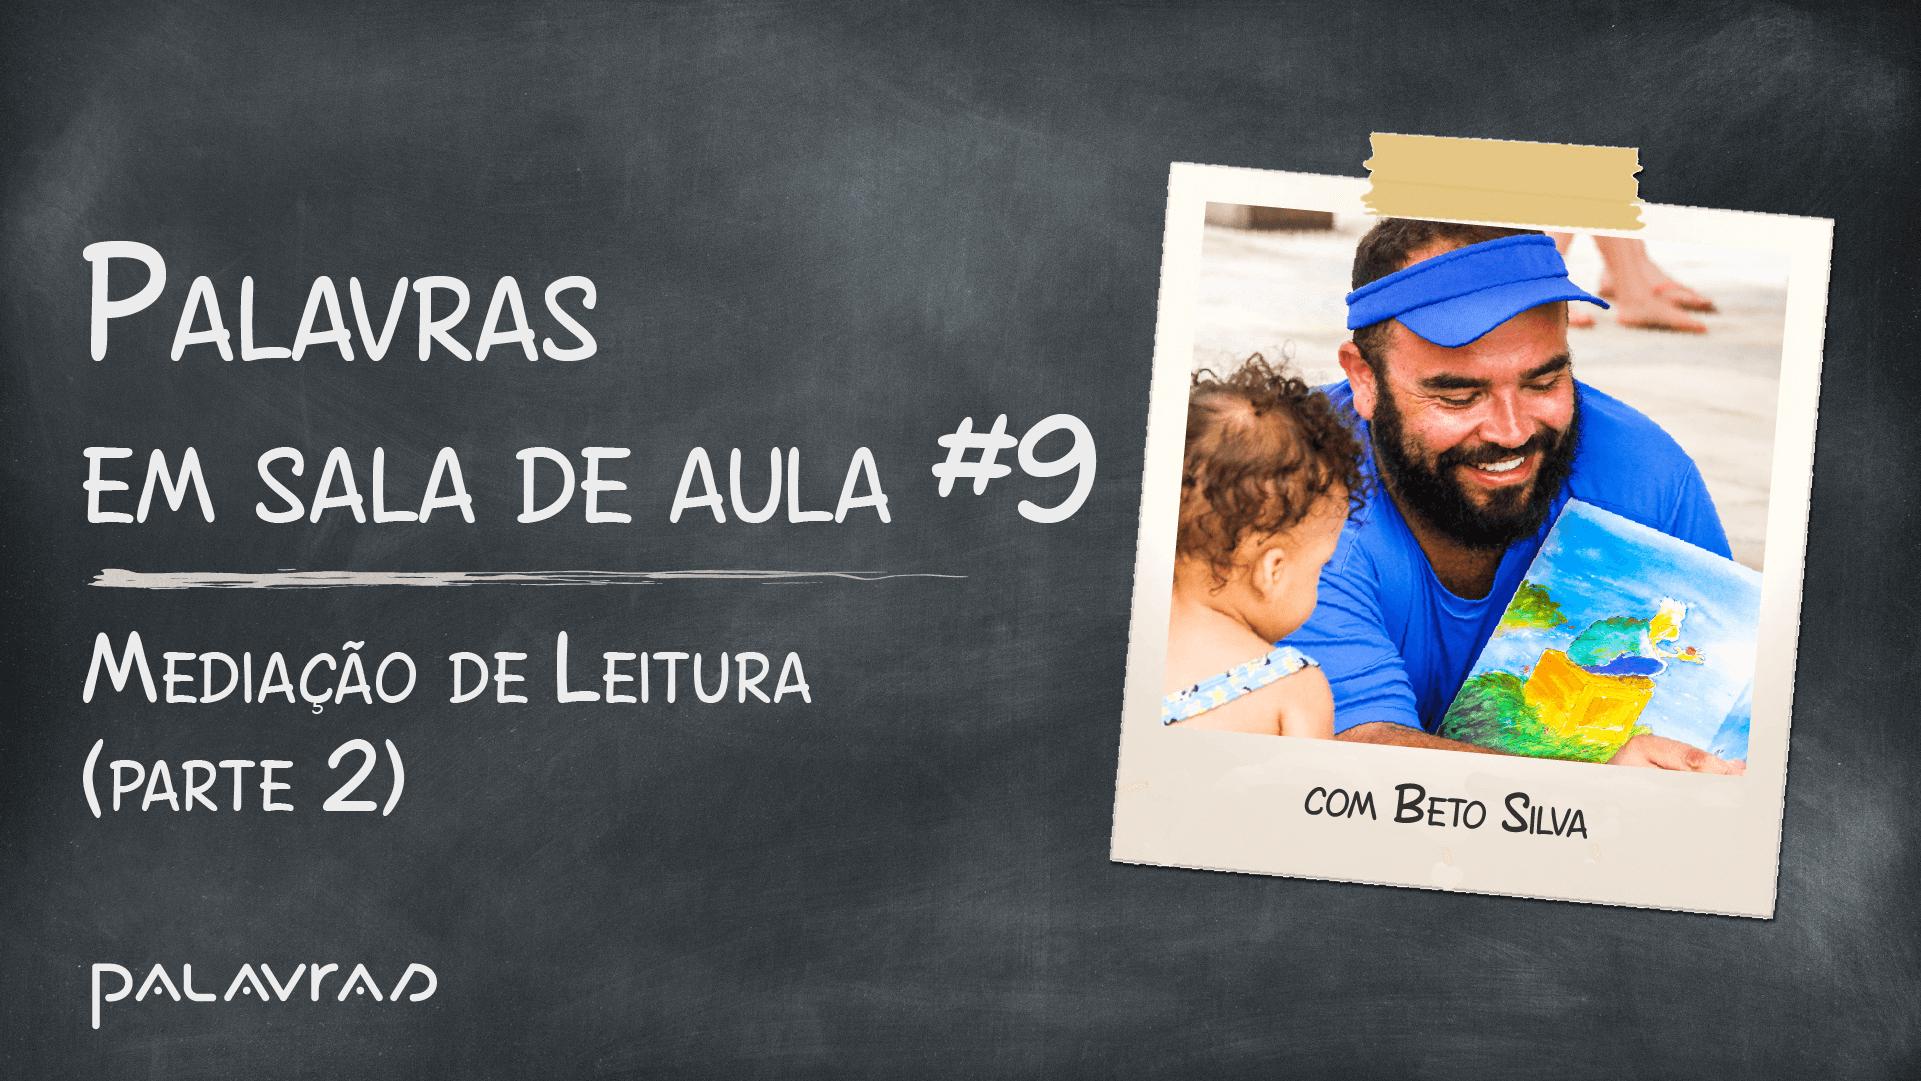 Podcast Palavras em Sala de Aula | #9: Mediação de Leitura com Beto Silva (parte 2)